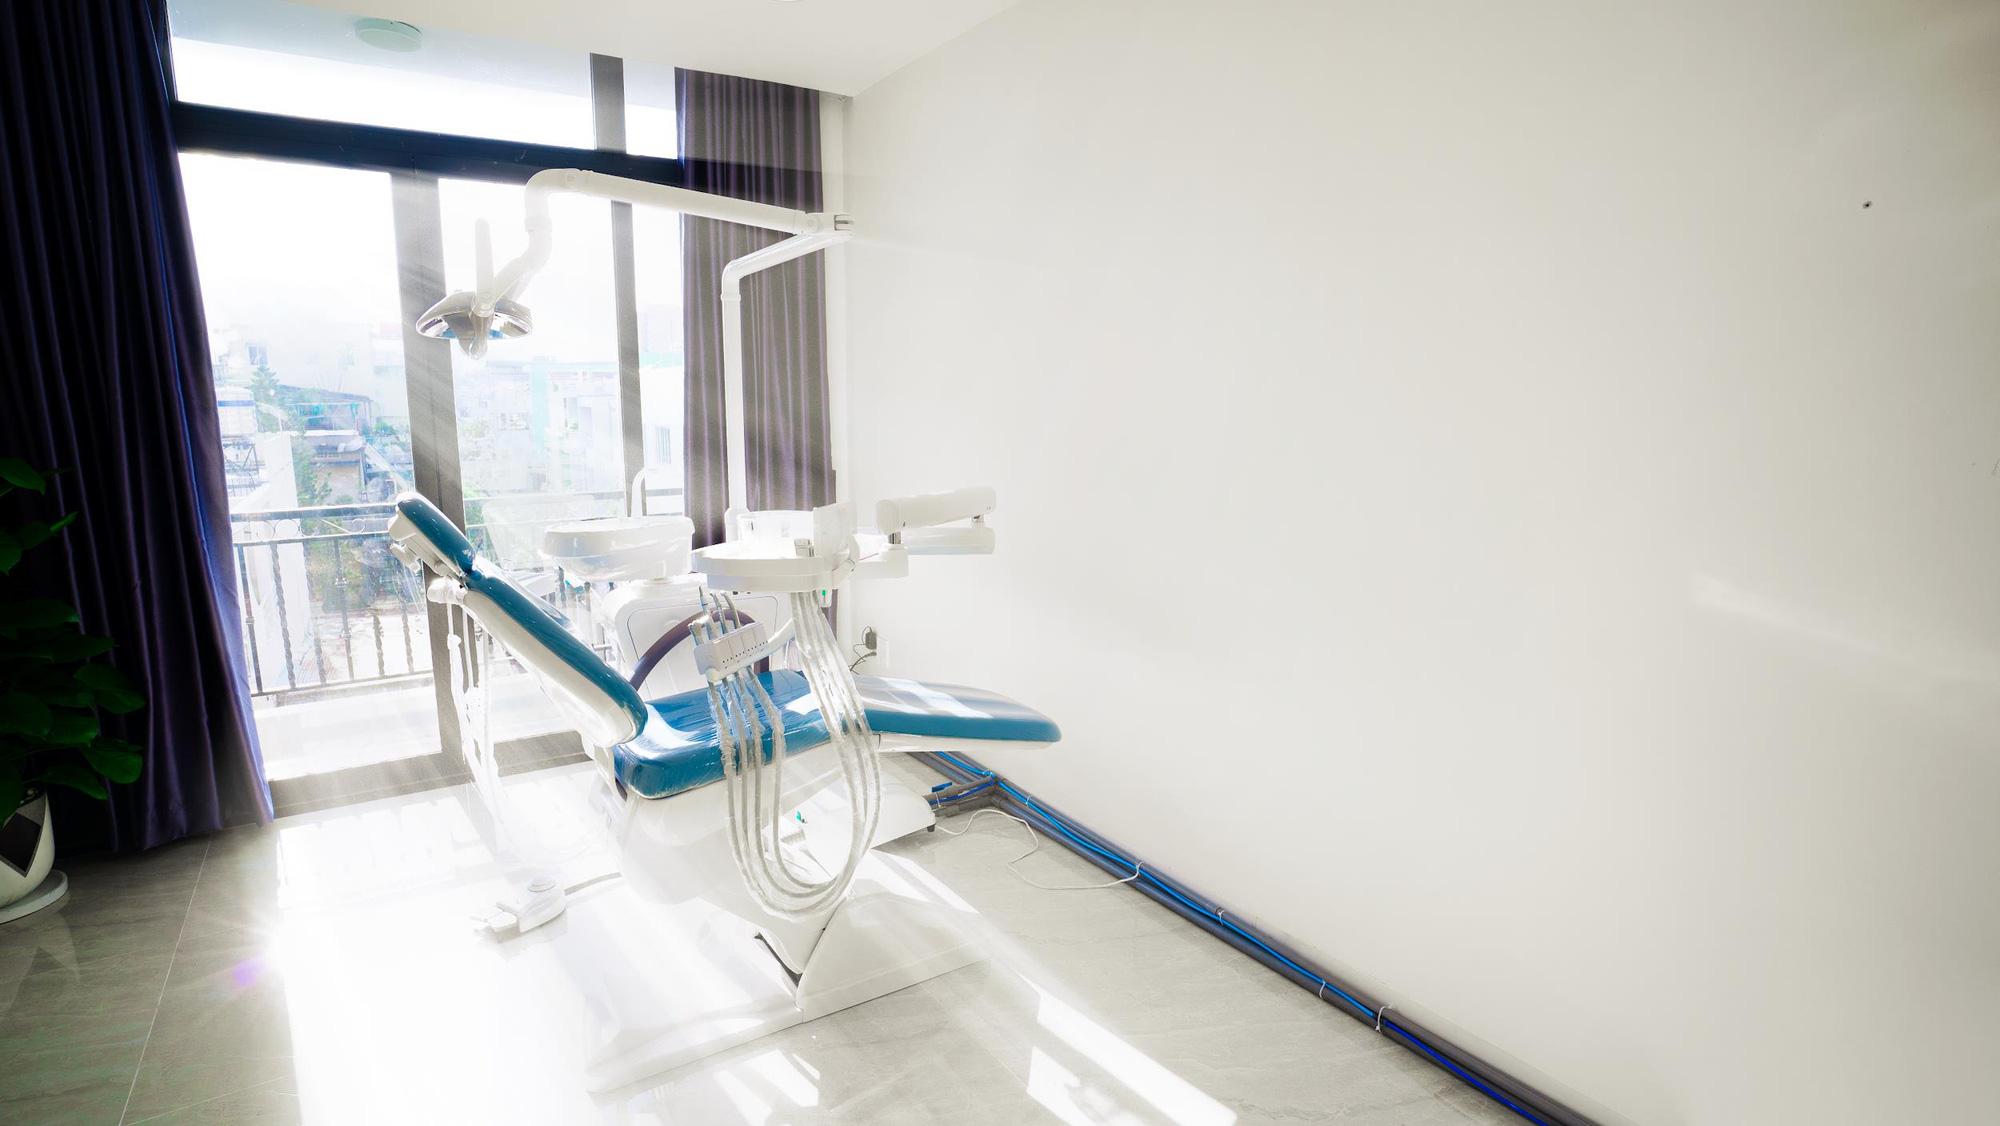 Mãn nhãn với cơ sở vật chất, trang thiết bị hiện đại tại nha khoa Janhee - Ảnh 2.